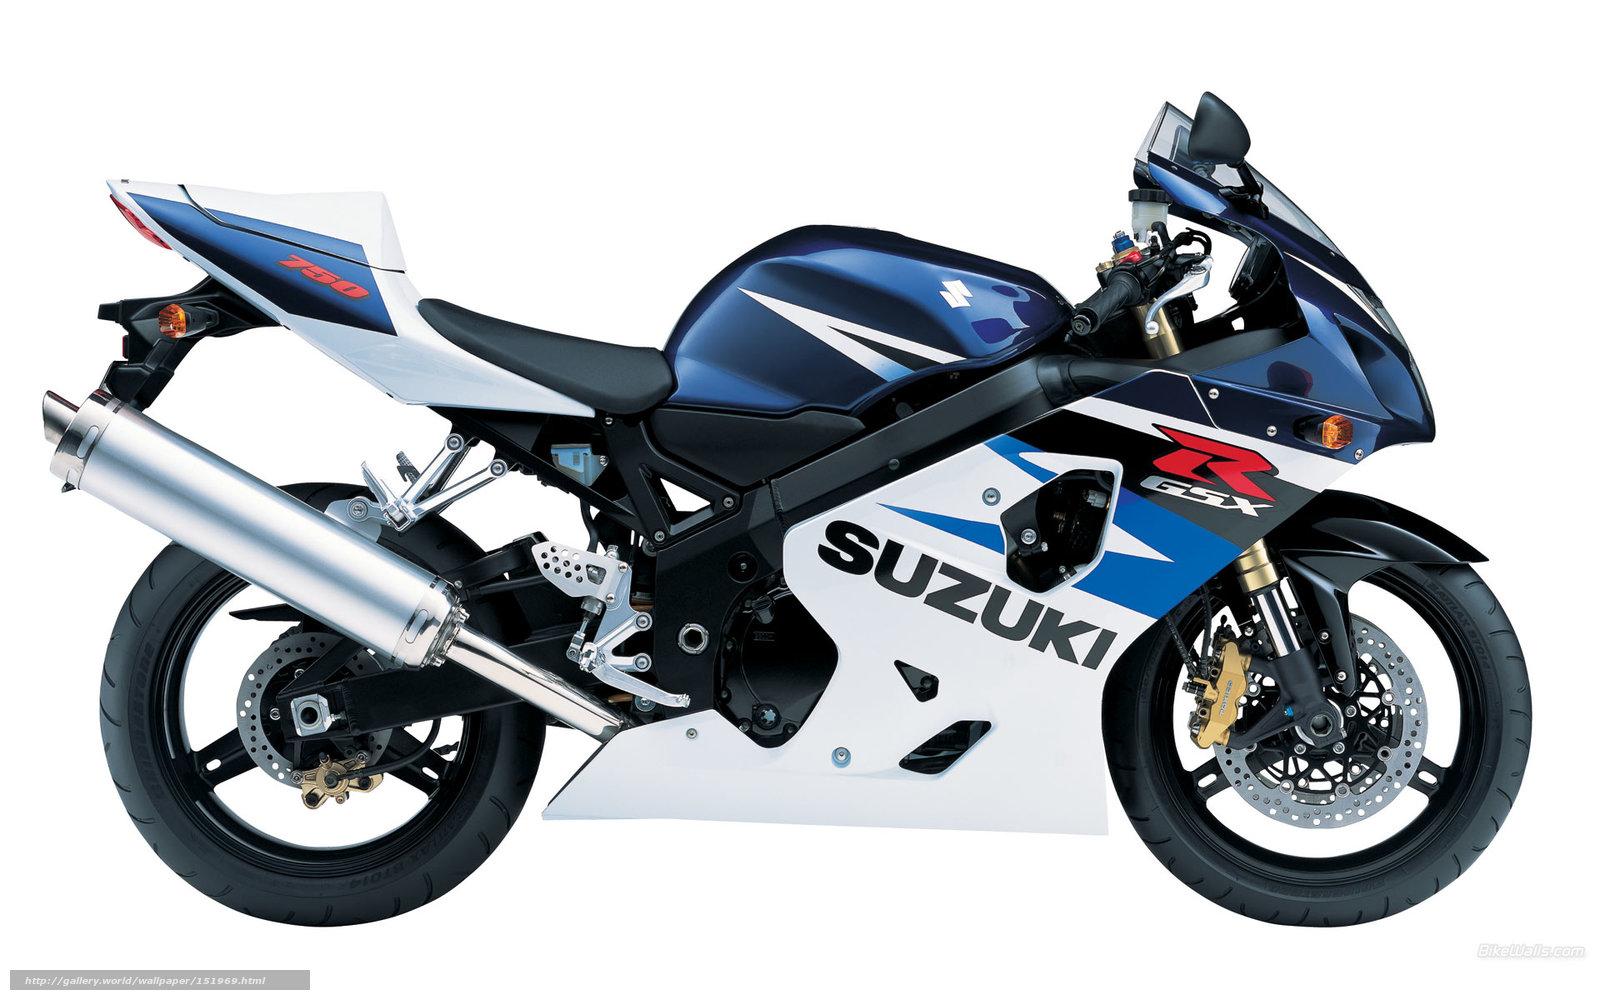 suzuki supersport gsx r750 - photo #7